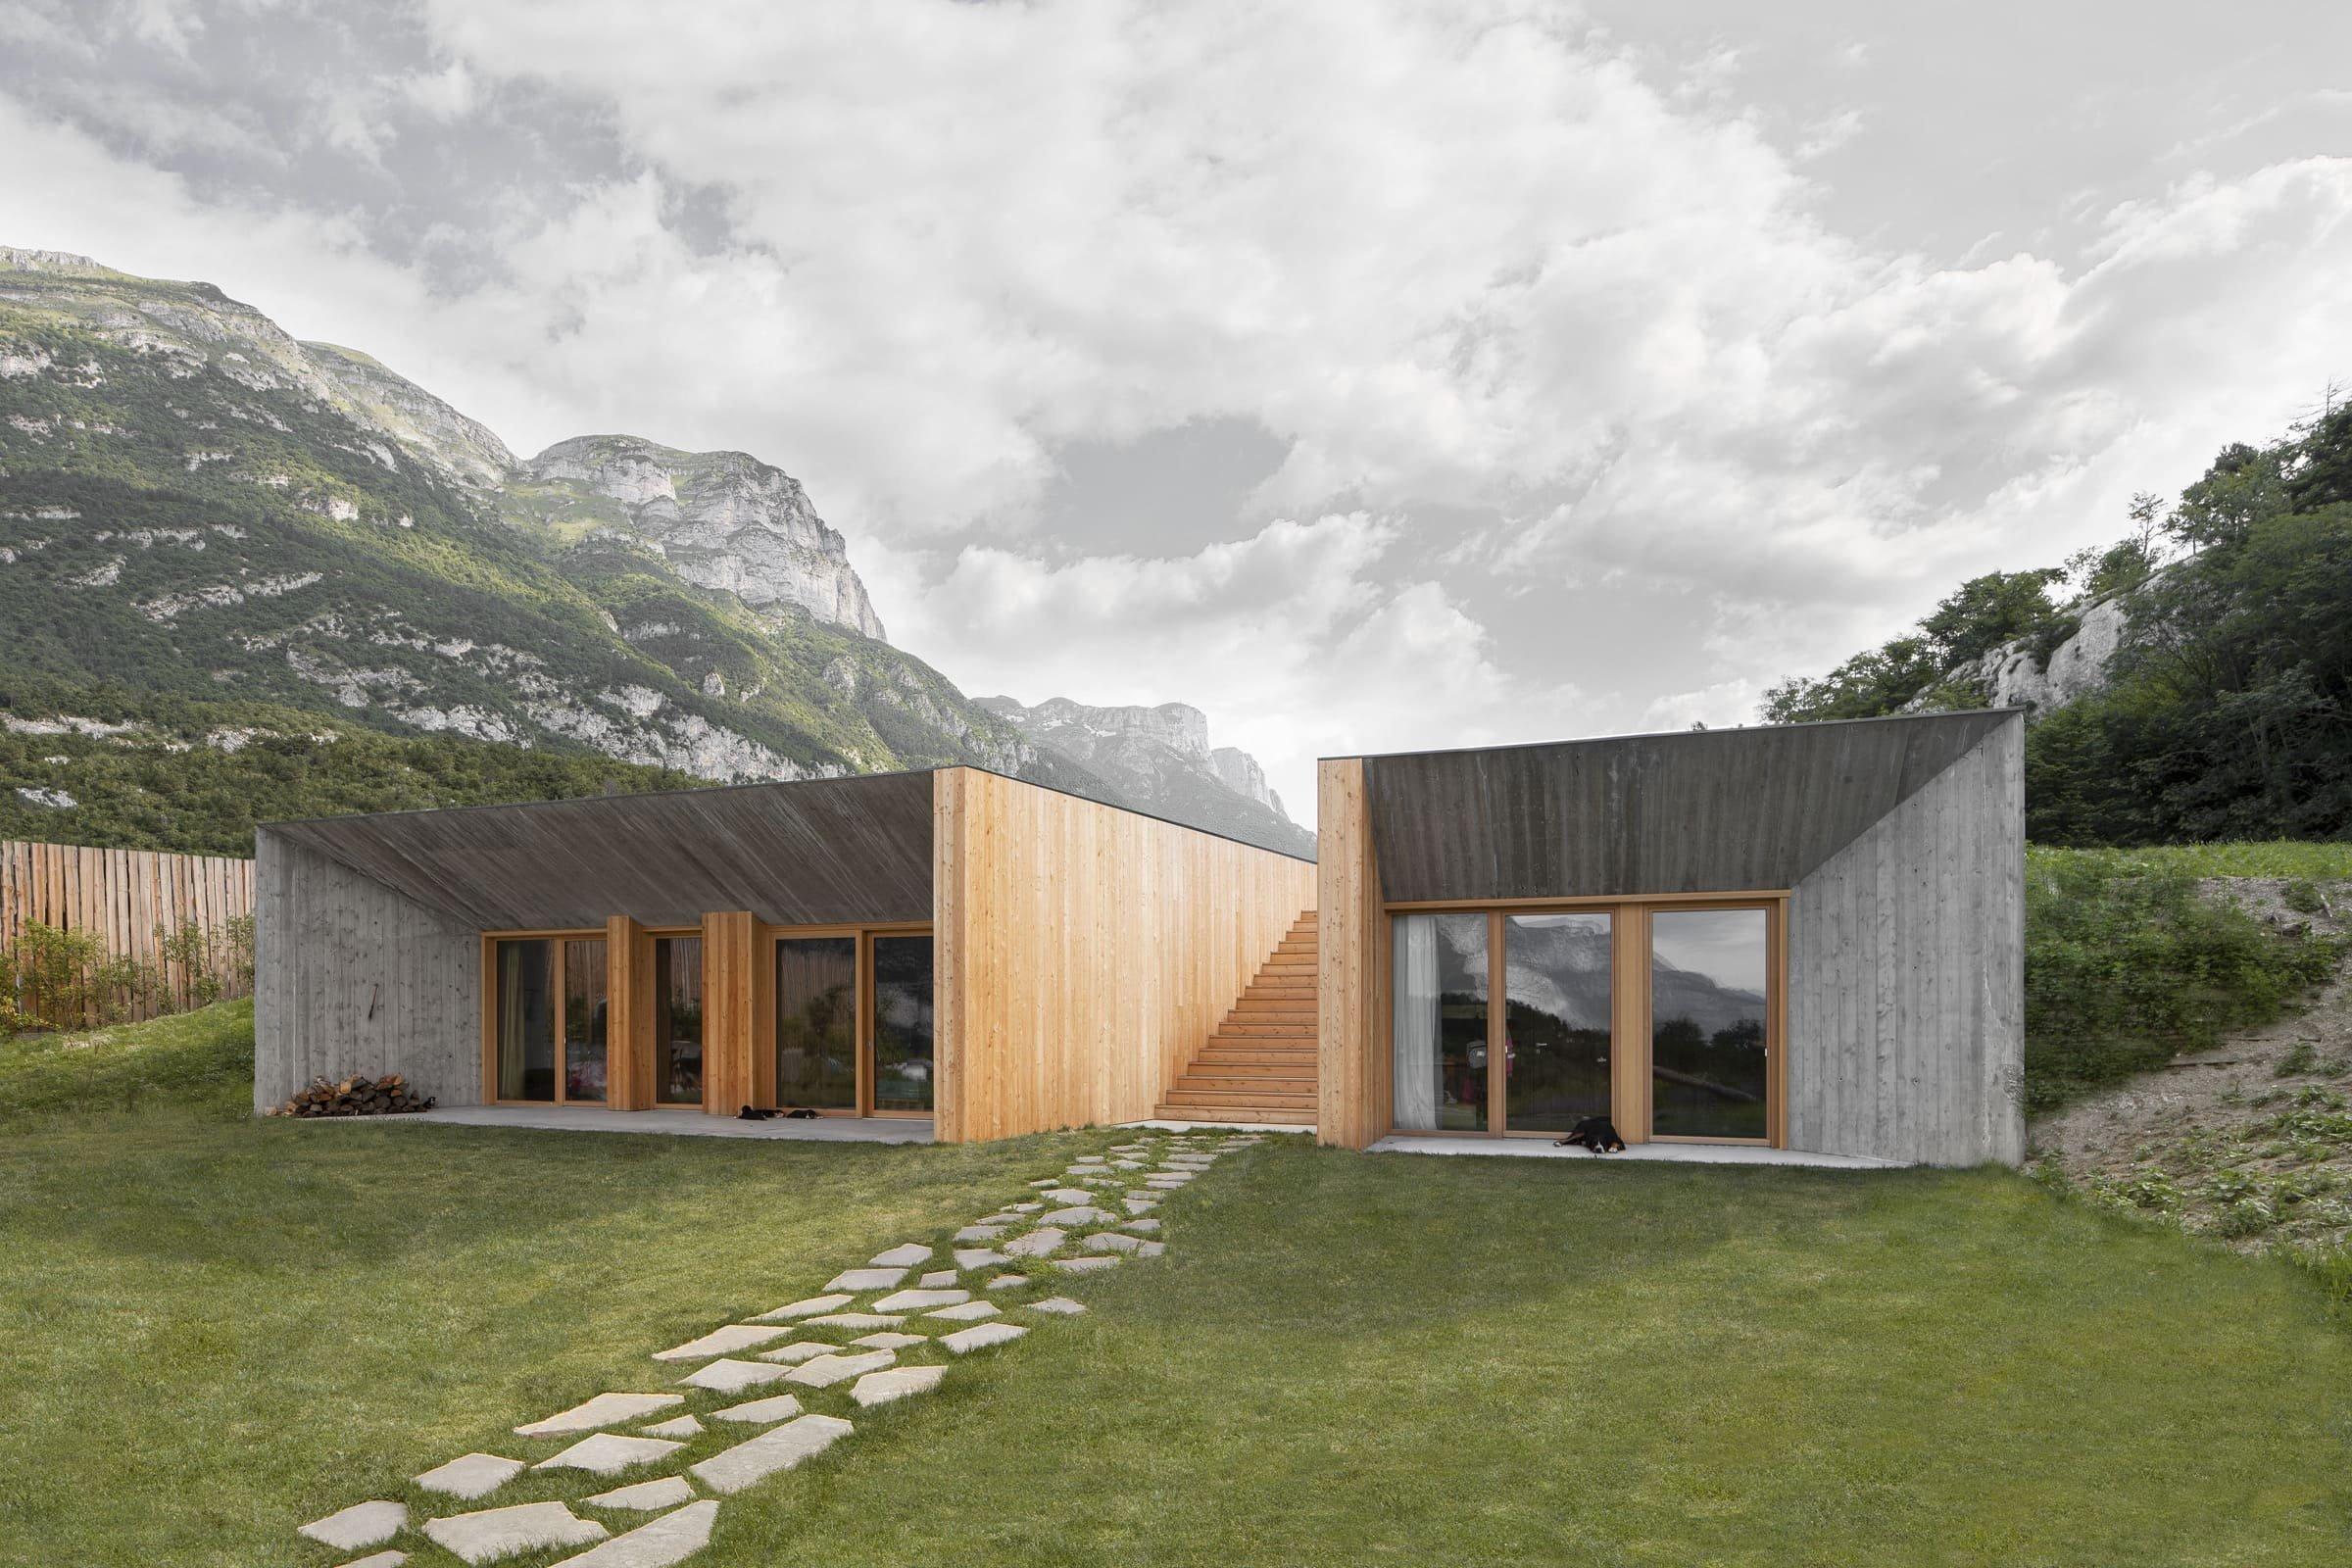 Jednoduchá a vizuálně čistá brutalistická stavba